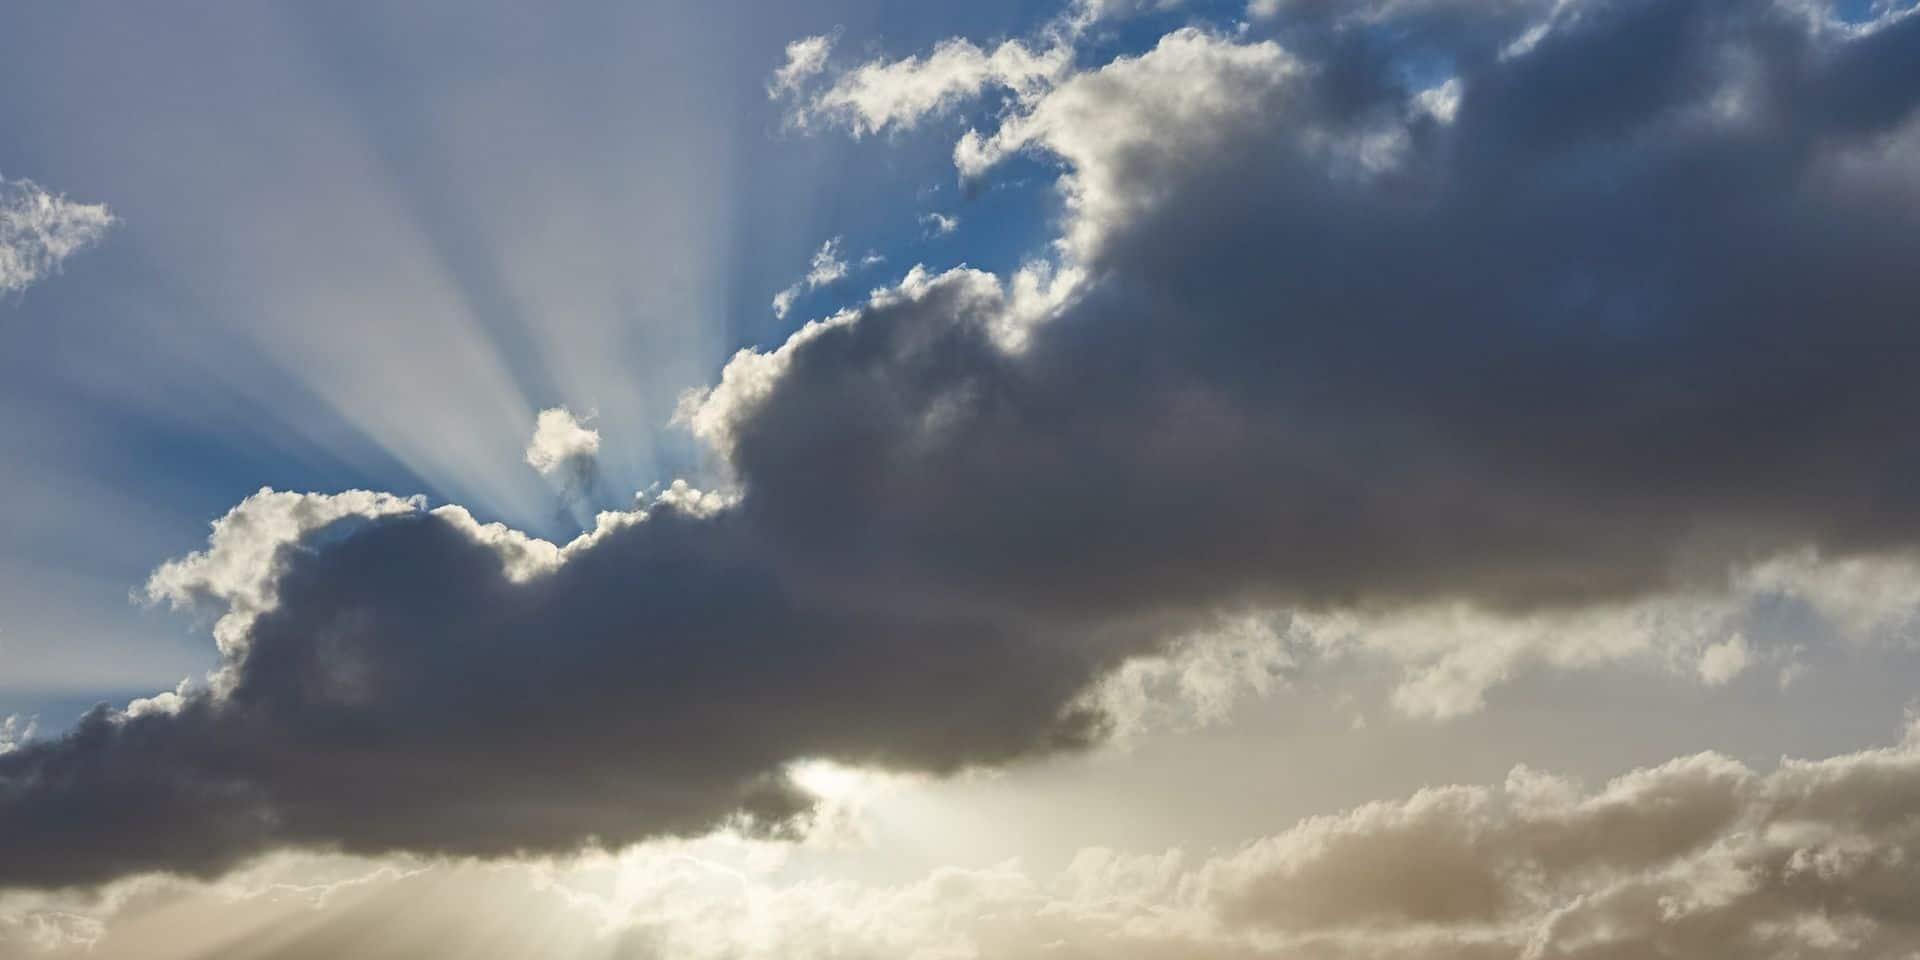 Météo: encore quelques belles éclaircies avant l'arrivée des nuages